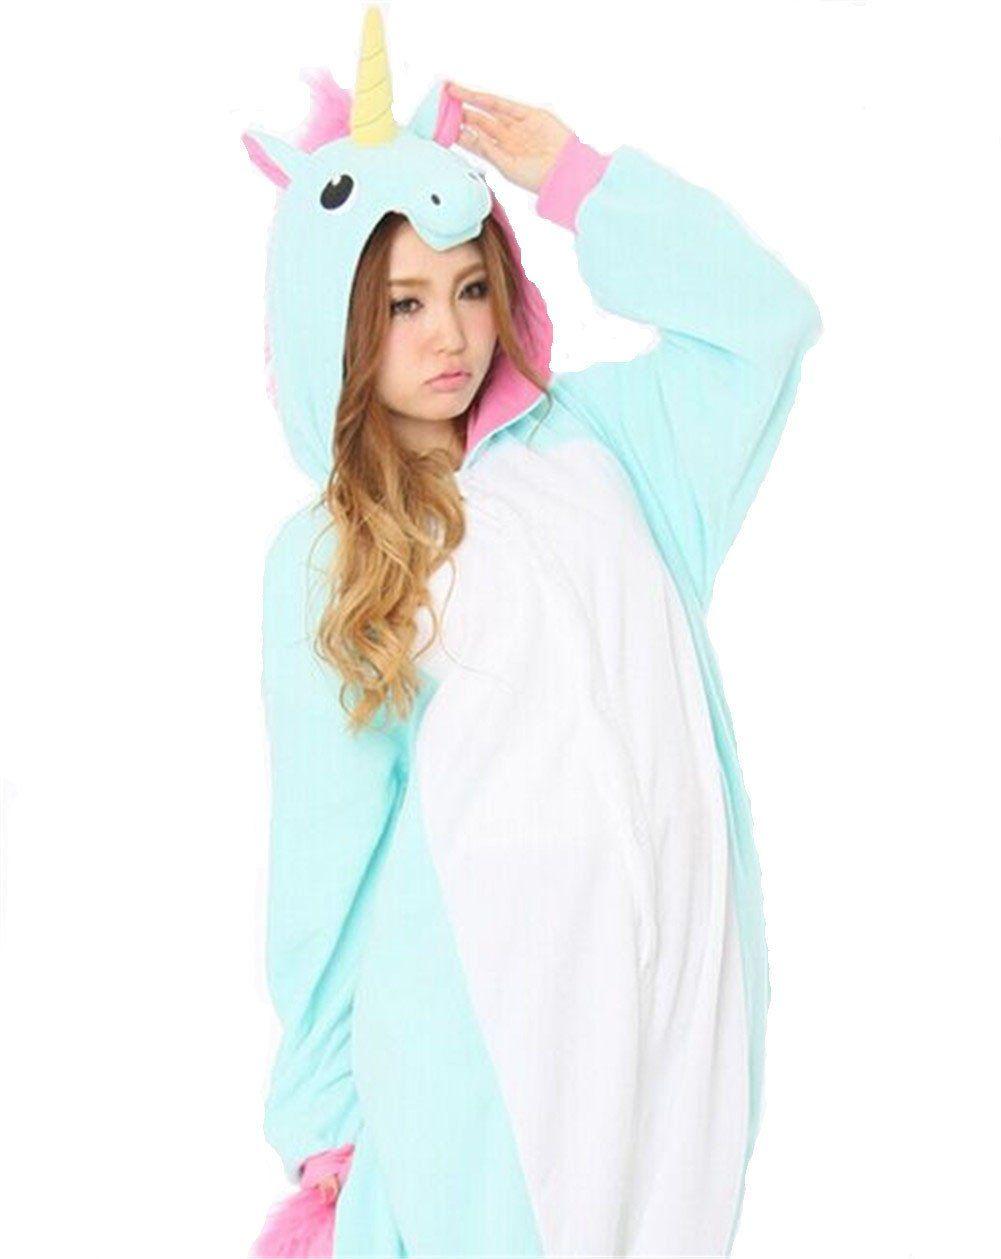 yarbar adultes kigurumi animaux pyjamas costume anime. Black Bedroom Furniture Sets. Home Design Ideas